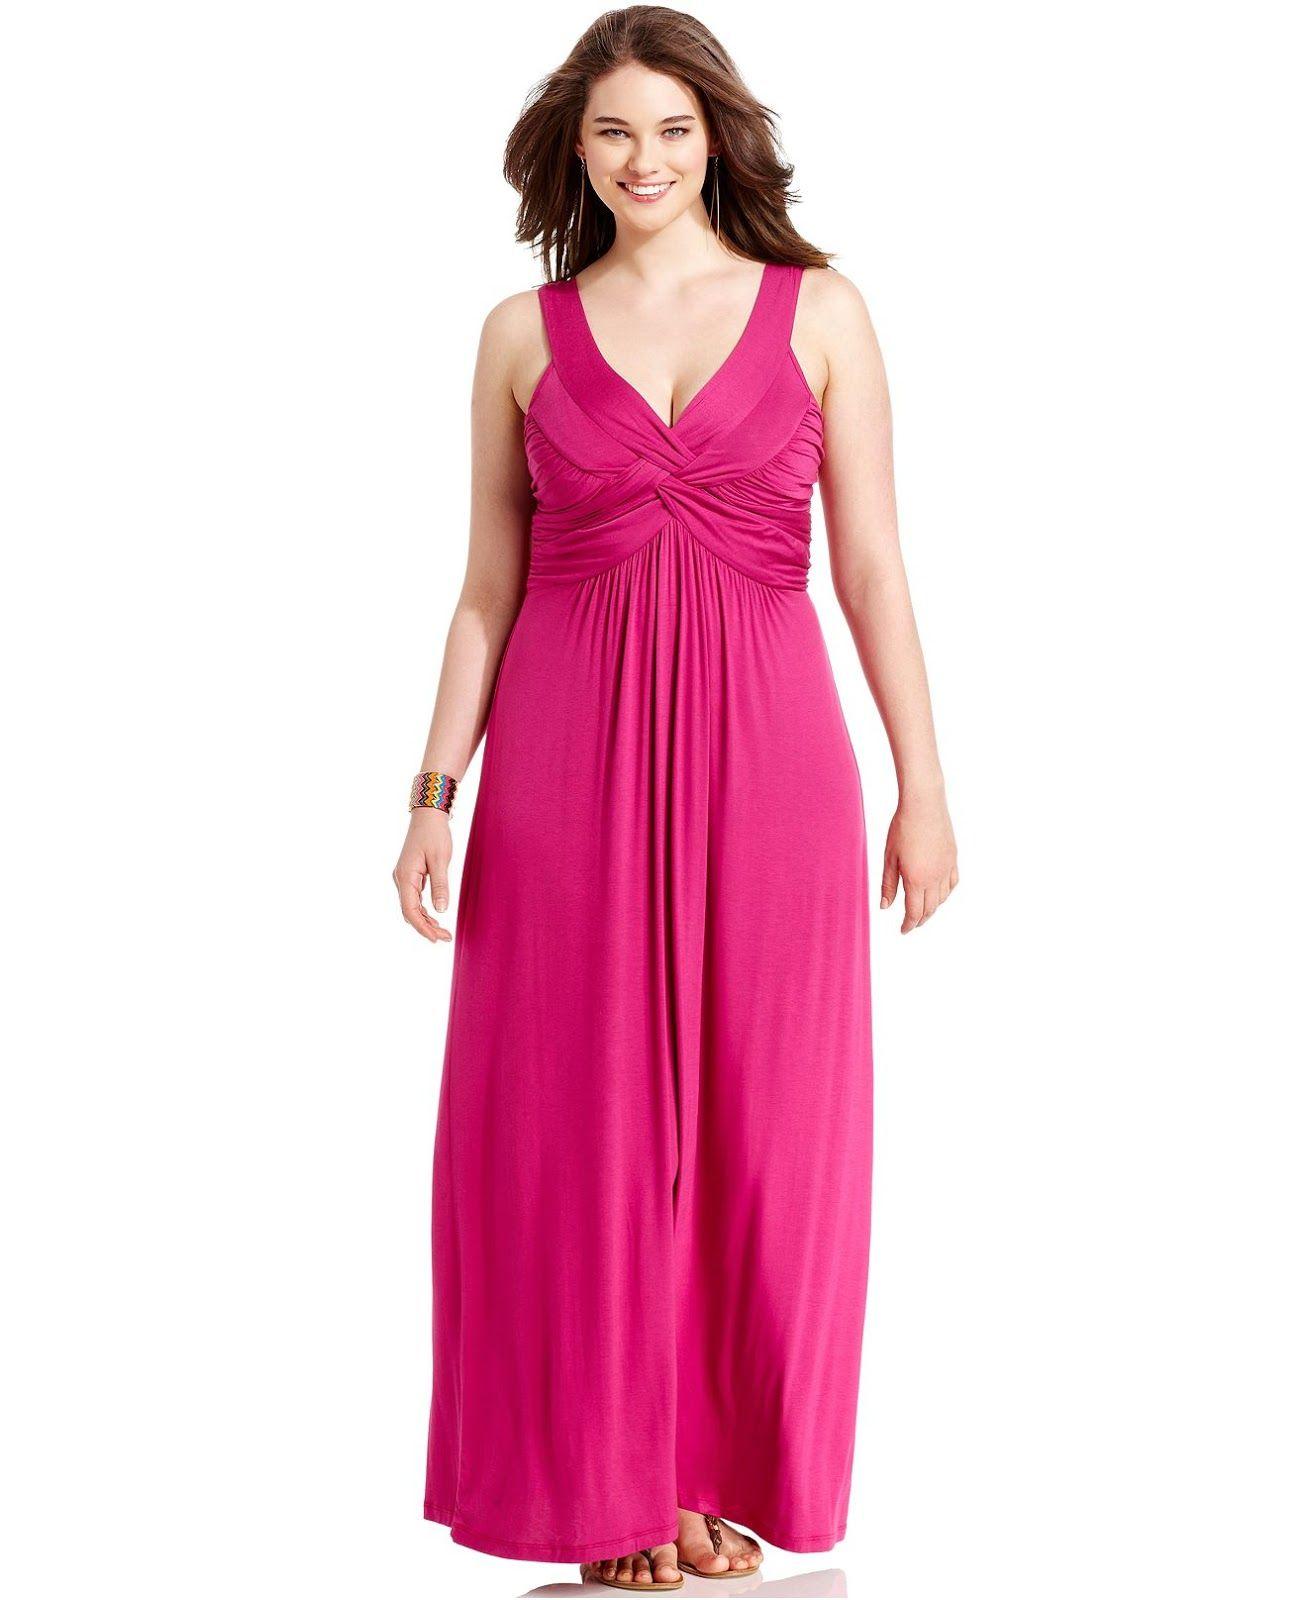 Fantásticos vestidos largos para gorditas | Vestidos para gorditas ...